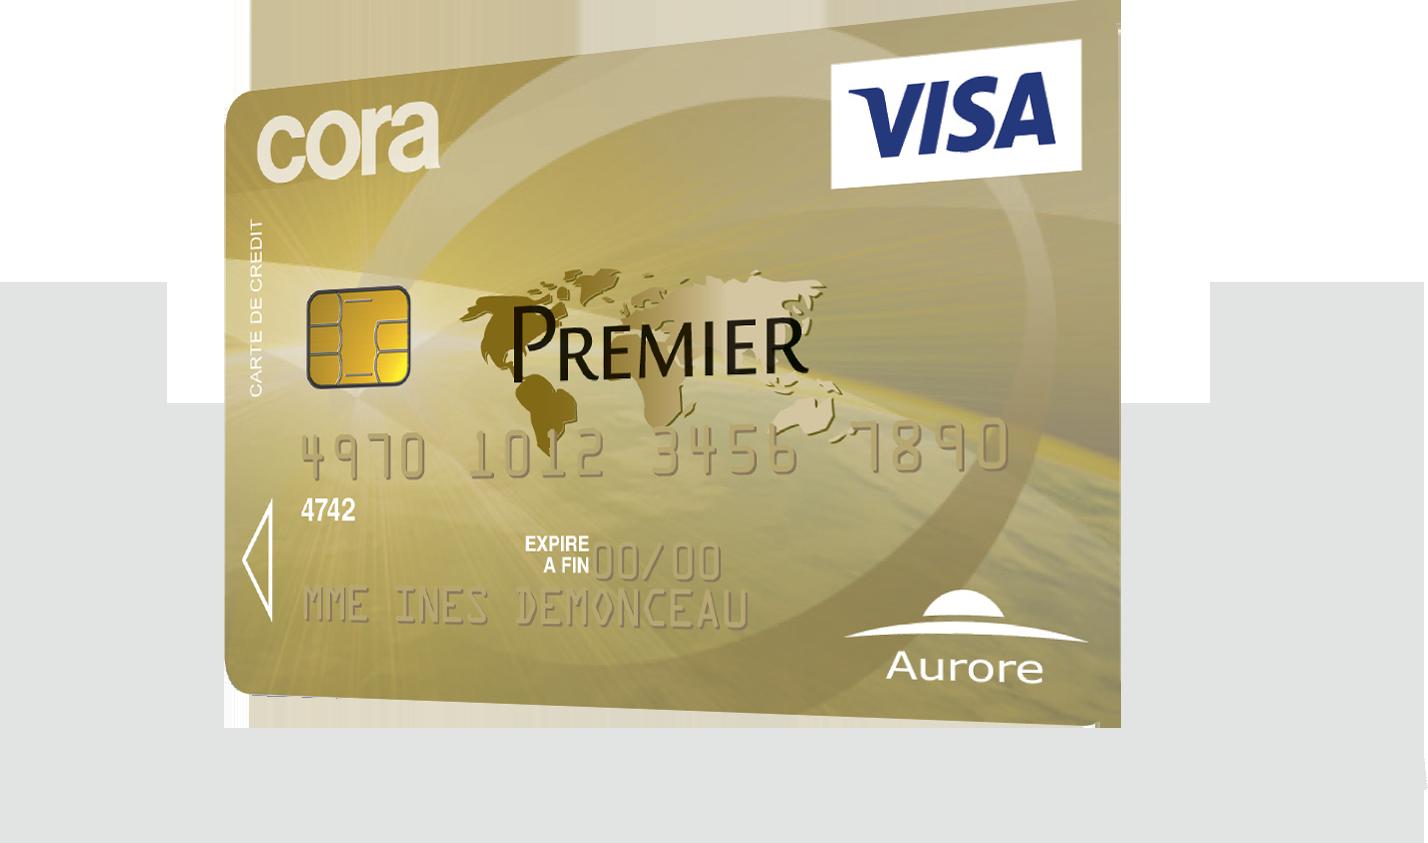 Carte Cora Cest Quoi.Carte Cora Visa Premier A Qui Est Elle Destinee